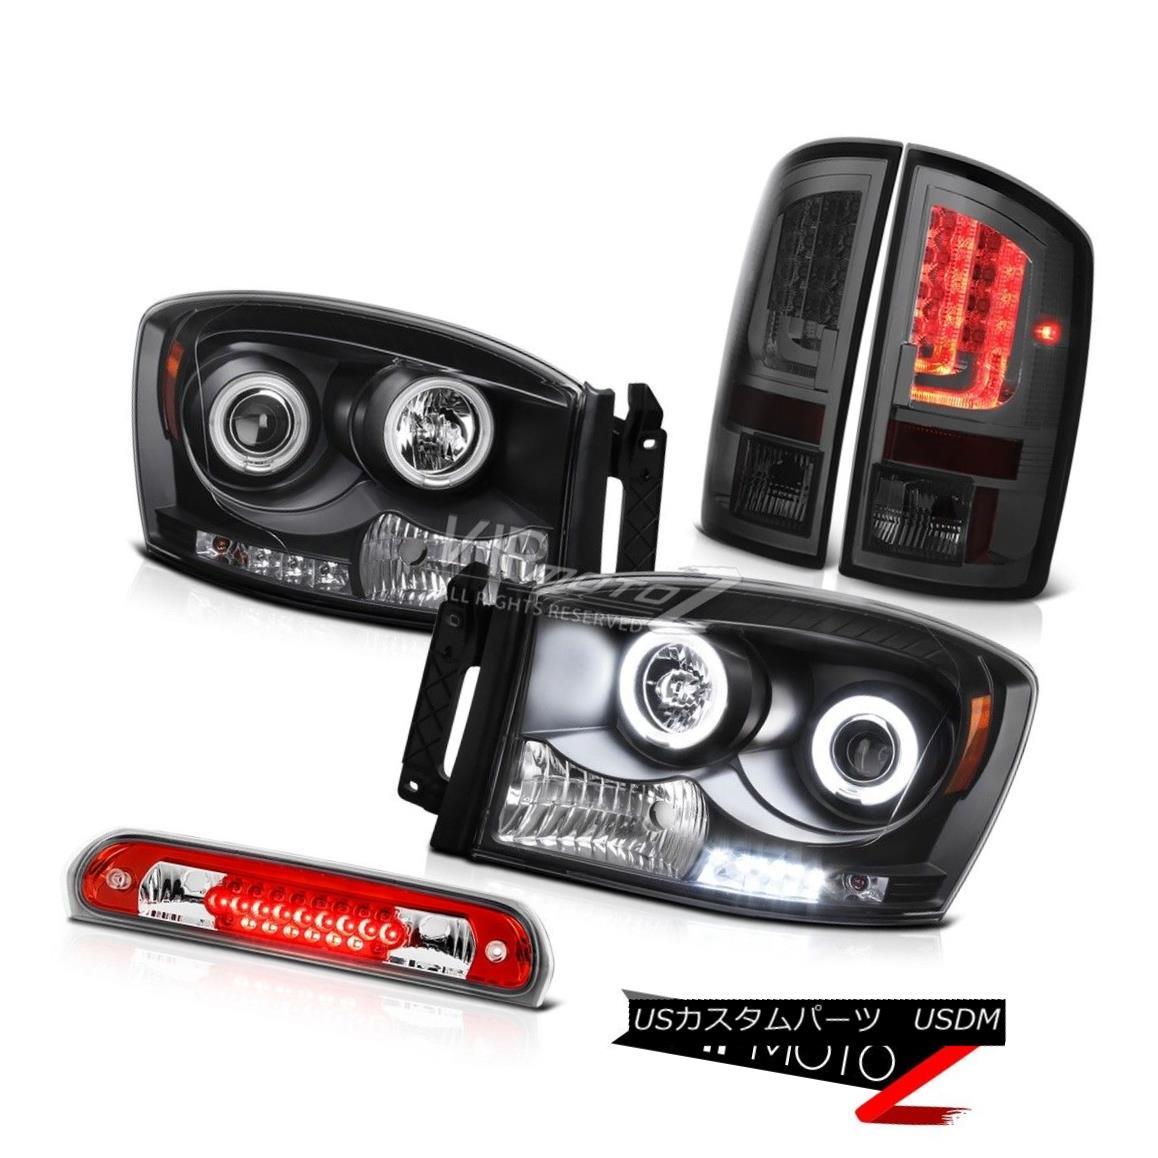 ヘッドライト 07-08 Dodge Ram 1500 SLT Tail Lamps Headlights 3RD Brake Lamp 2X Ccfl Halo LED 07-08 Dodge Ram 1500 SLTテールランプヘッドライト3RDブレーキランプ2X Ccfl Halo LED